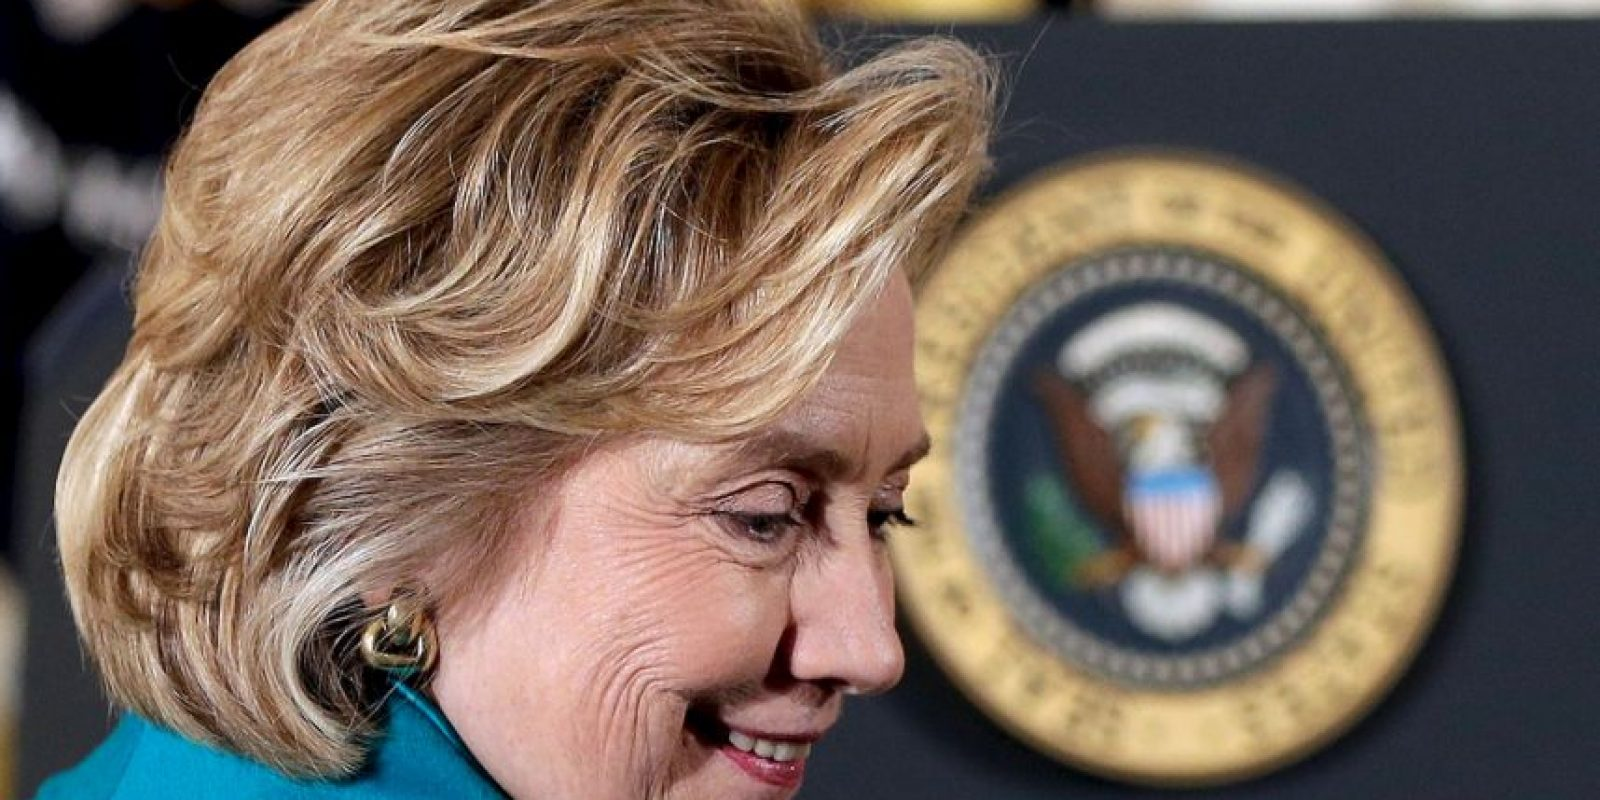 Se postuló en 2008, año en que perdió frente a Barack Obama. Actualmente, se encuentra haciendo campaña en Iowa. Foto:Getty Images